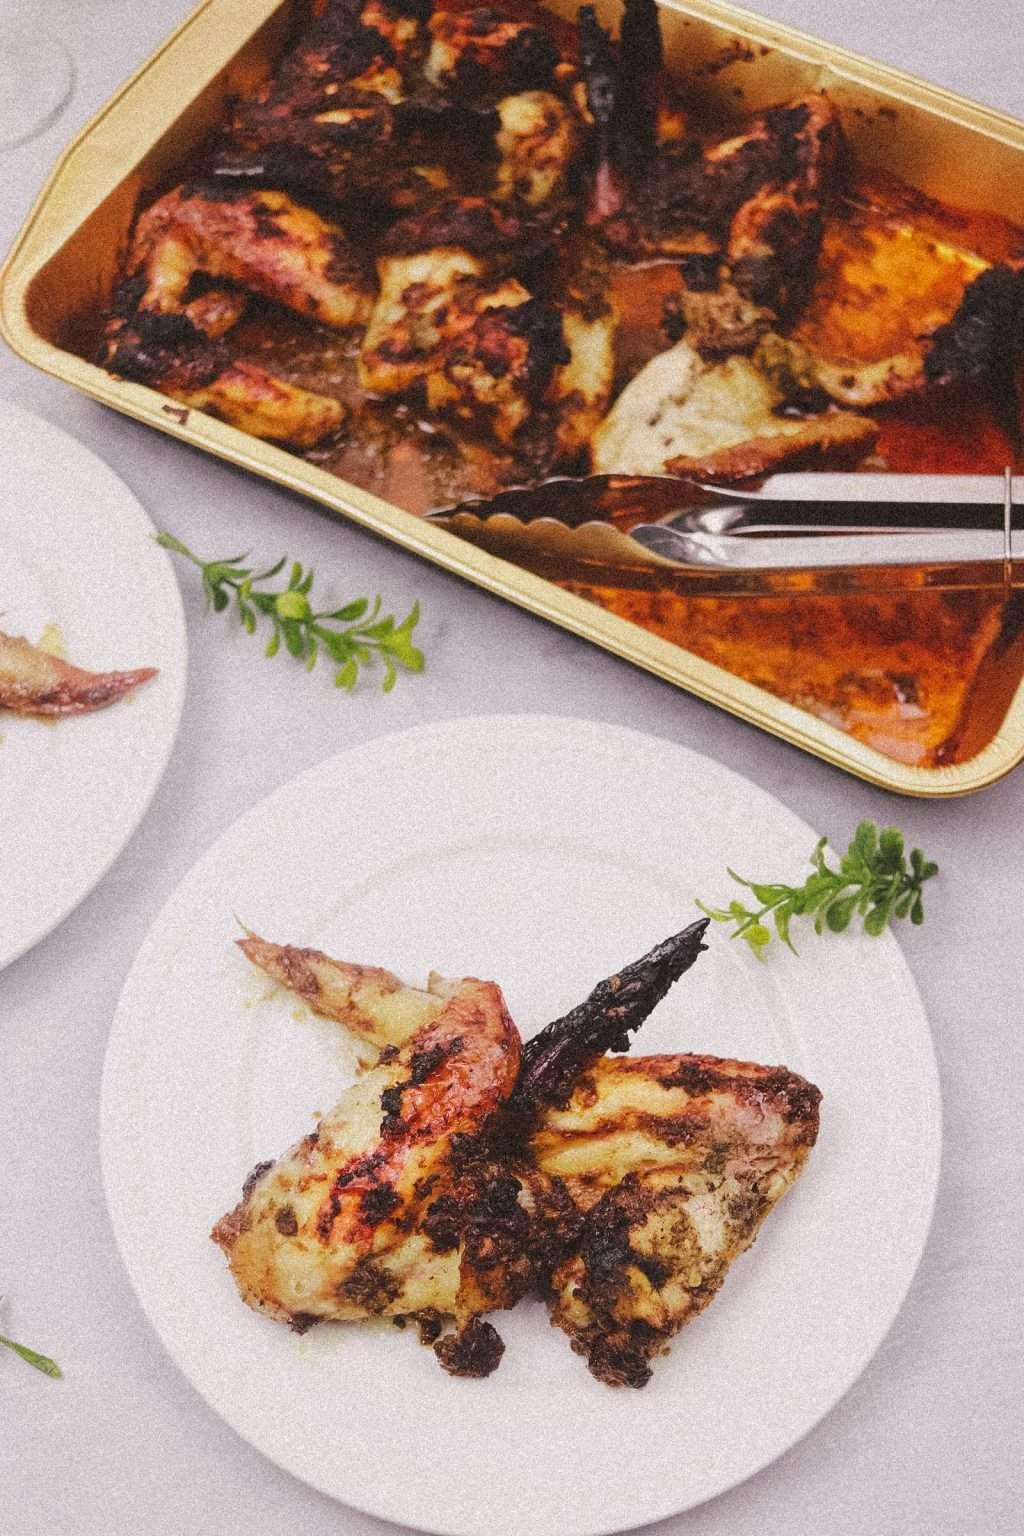 jamaican jerk chicken wings recipe 4707 1024x1536 - Jamaican Jerk Chicken Wings Recipe | Easy & Delicious